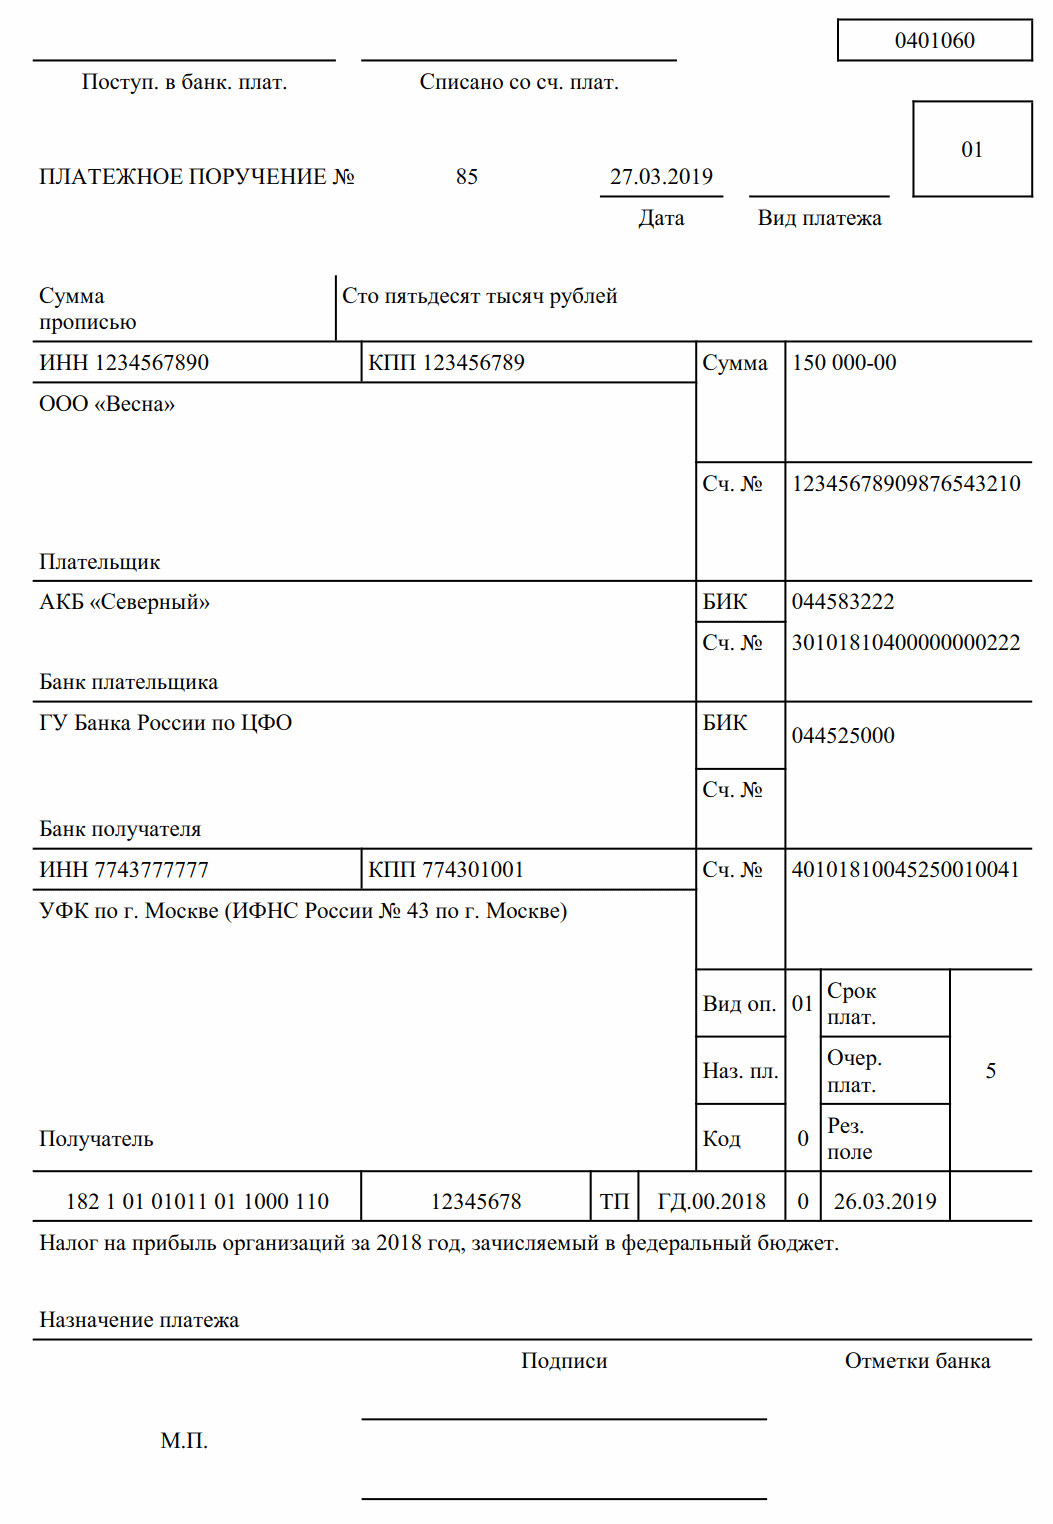 Как определить налог на прибыль организации задача